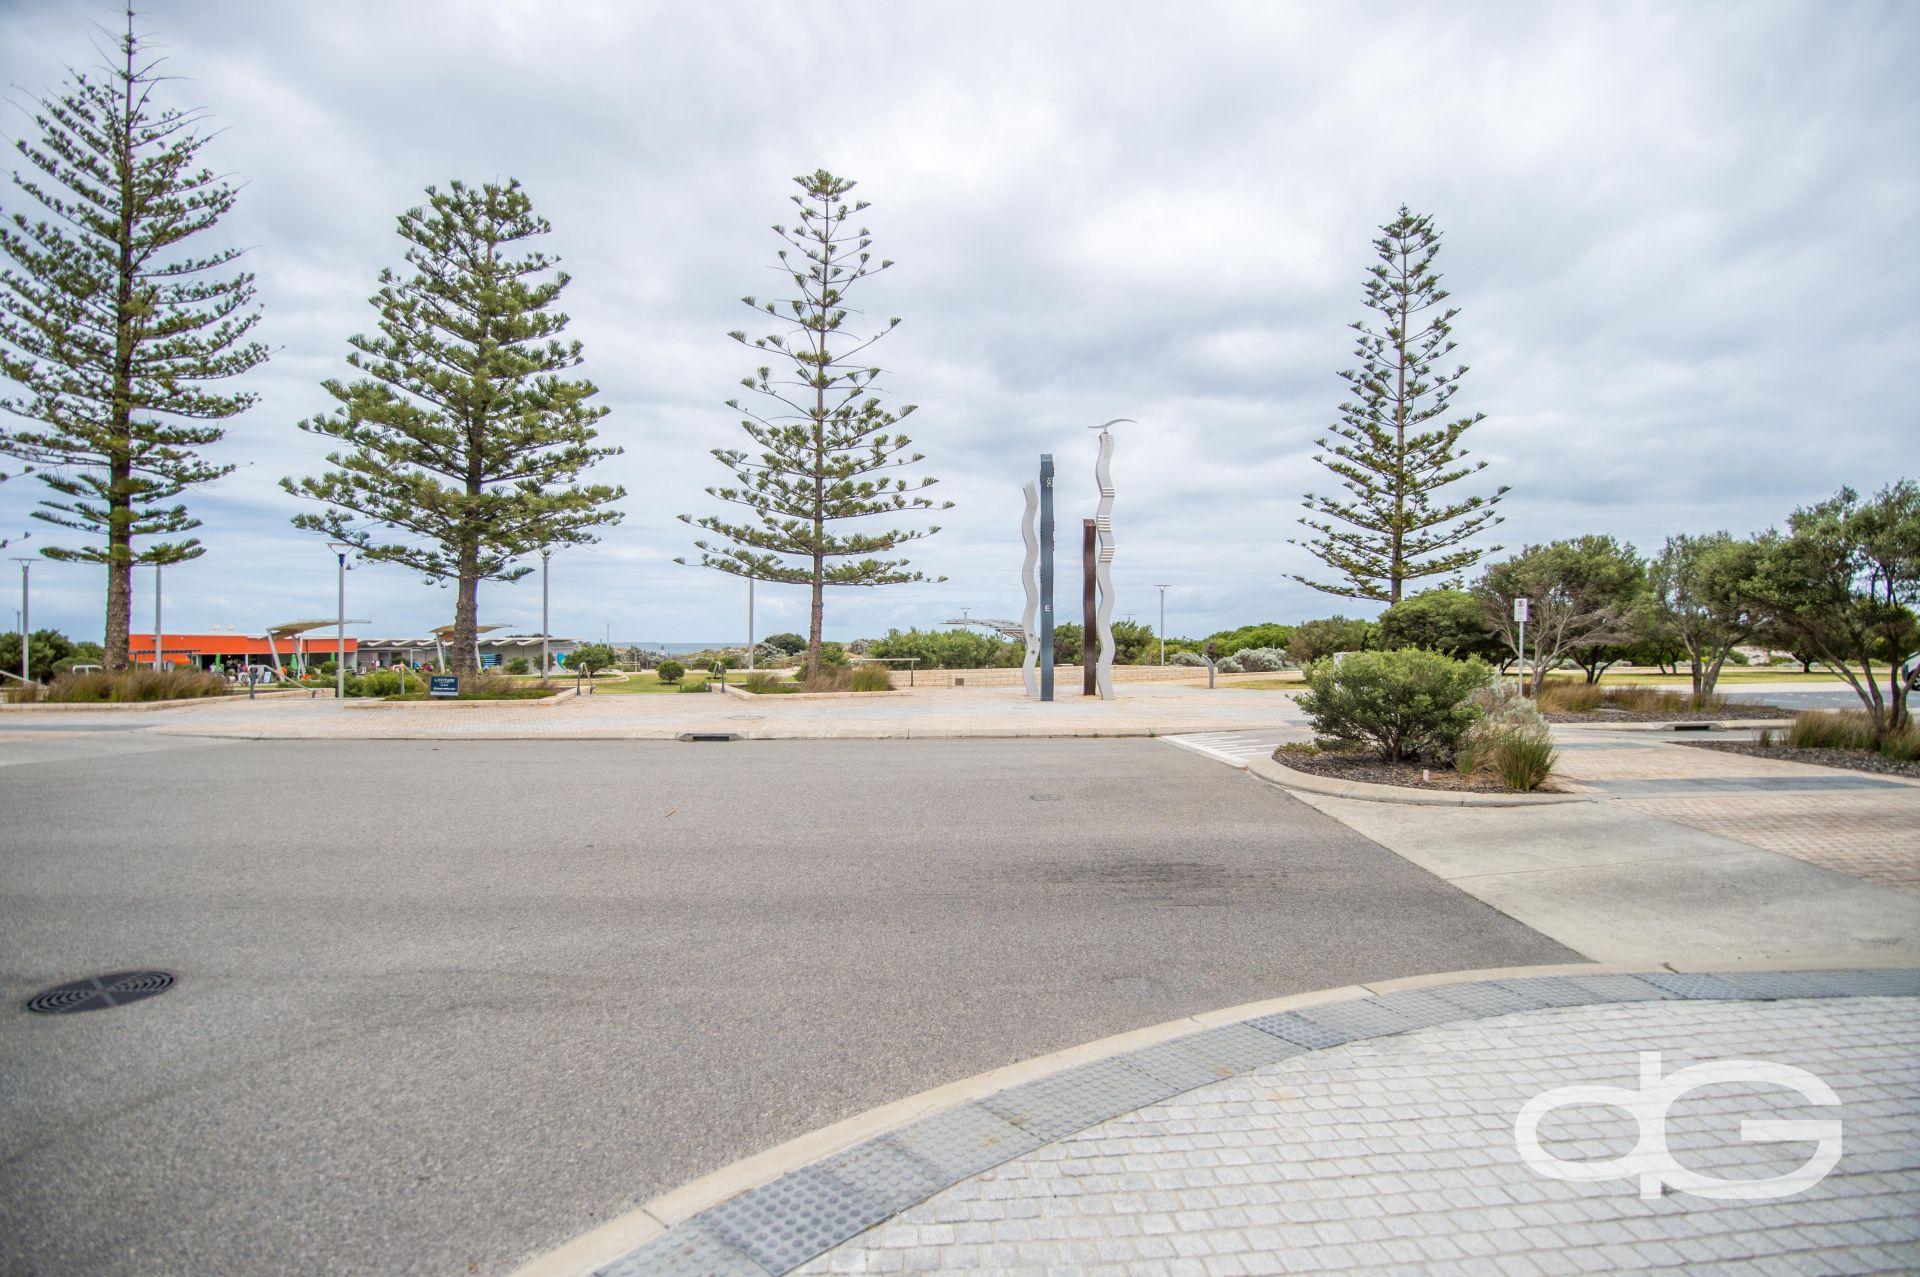 109/17 Freeman Loop, North Fremantle